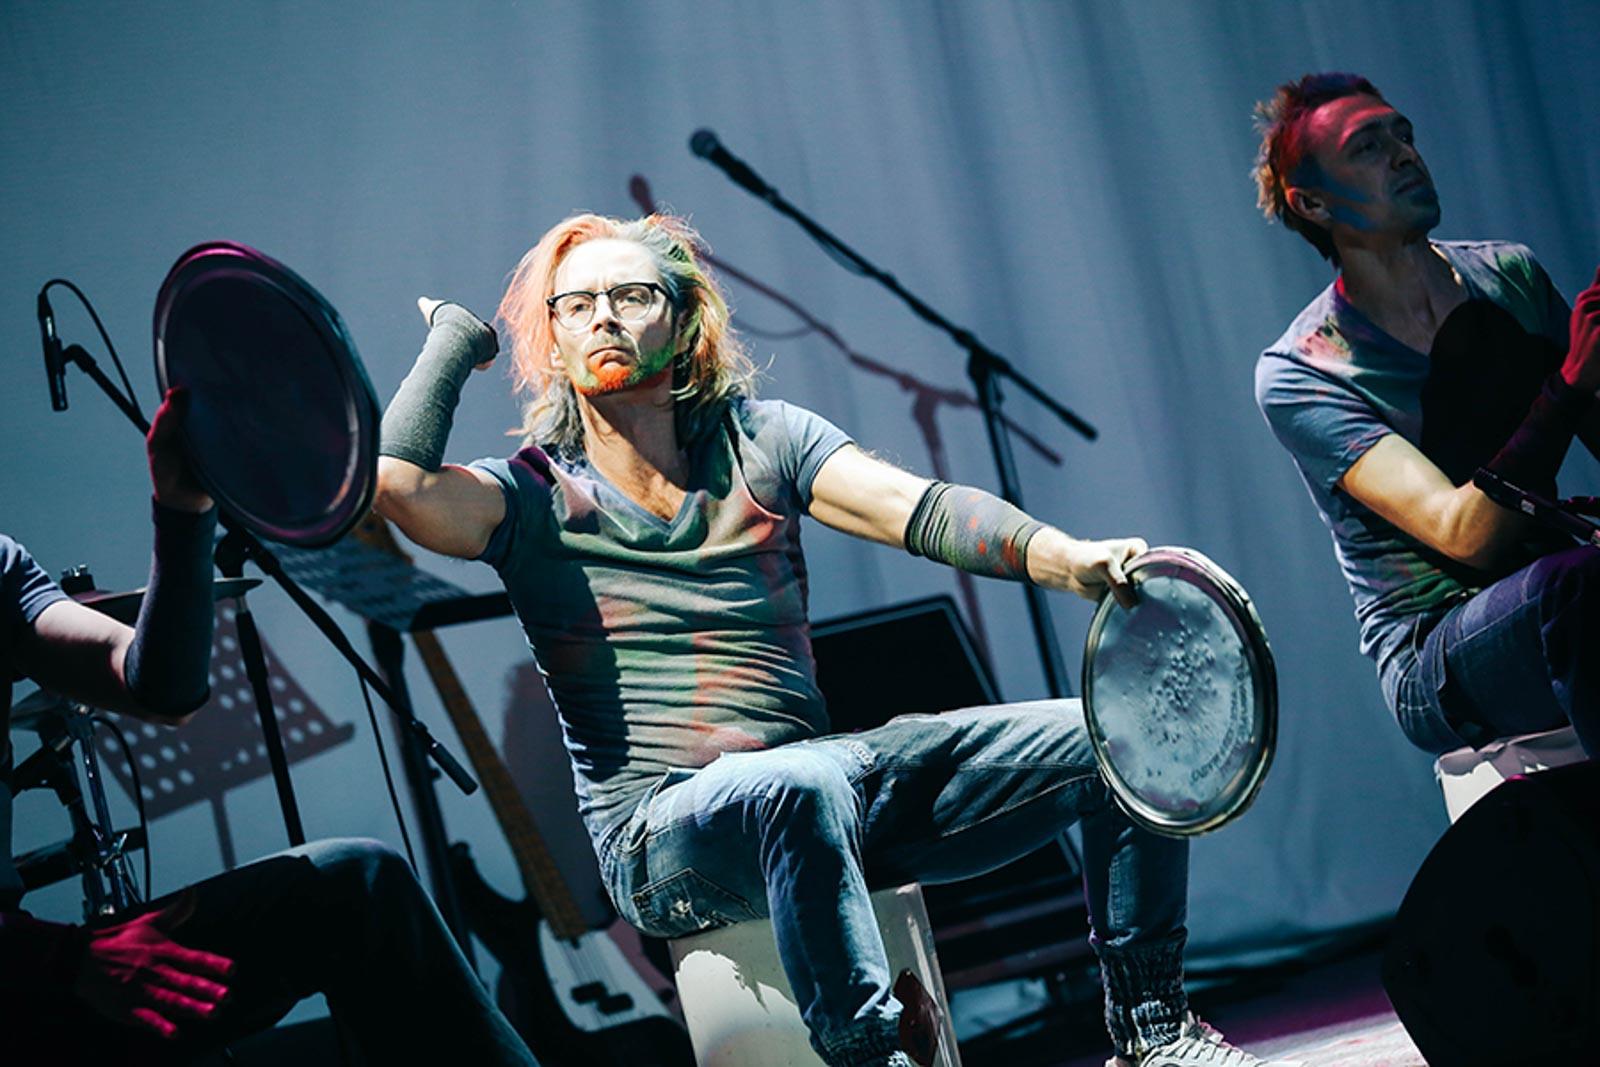 Fotogrāfs: Mārtiņš Garais I www.garais.lv